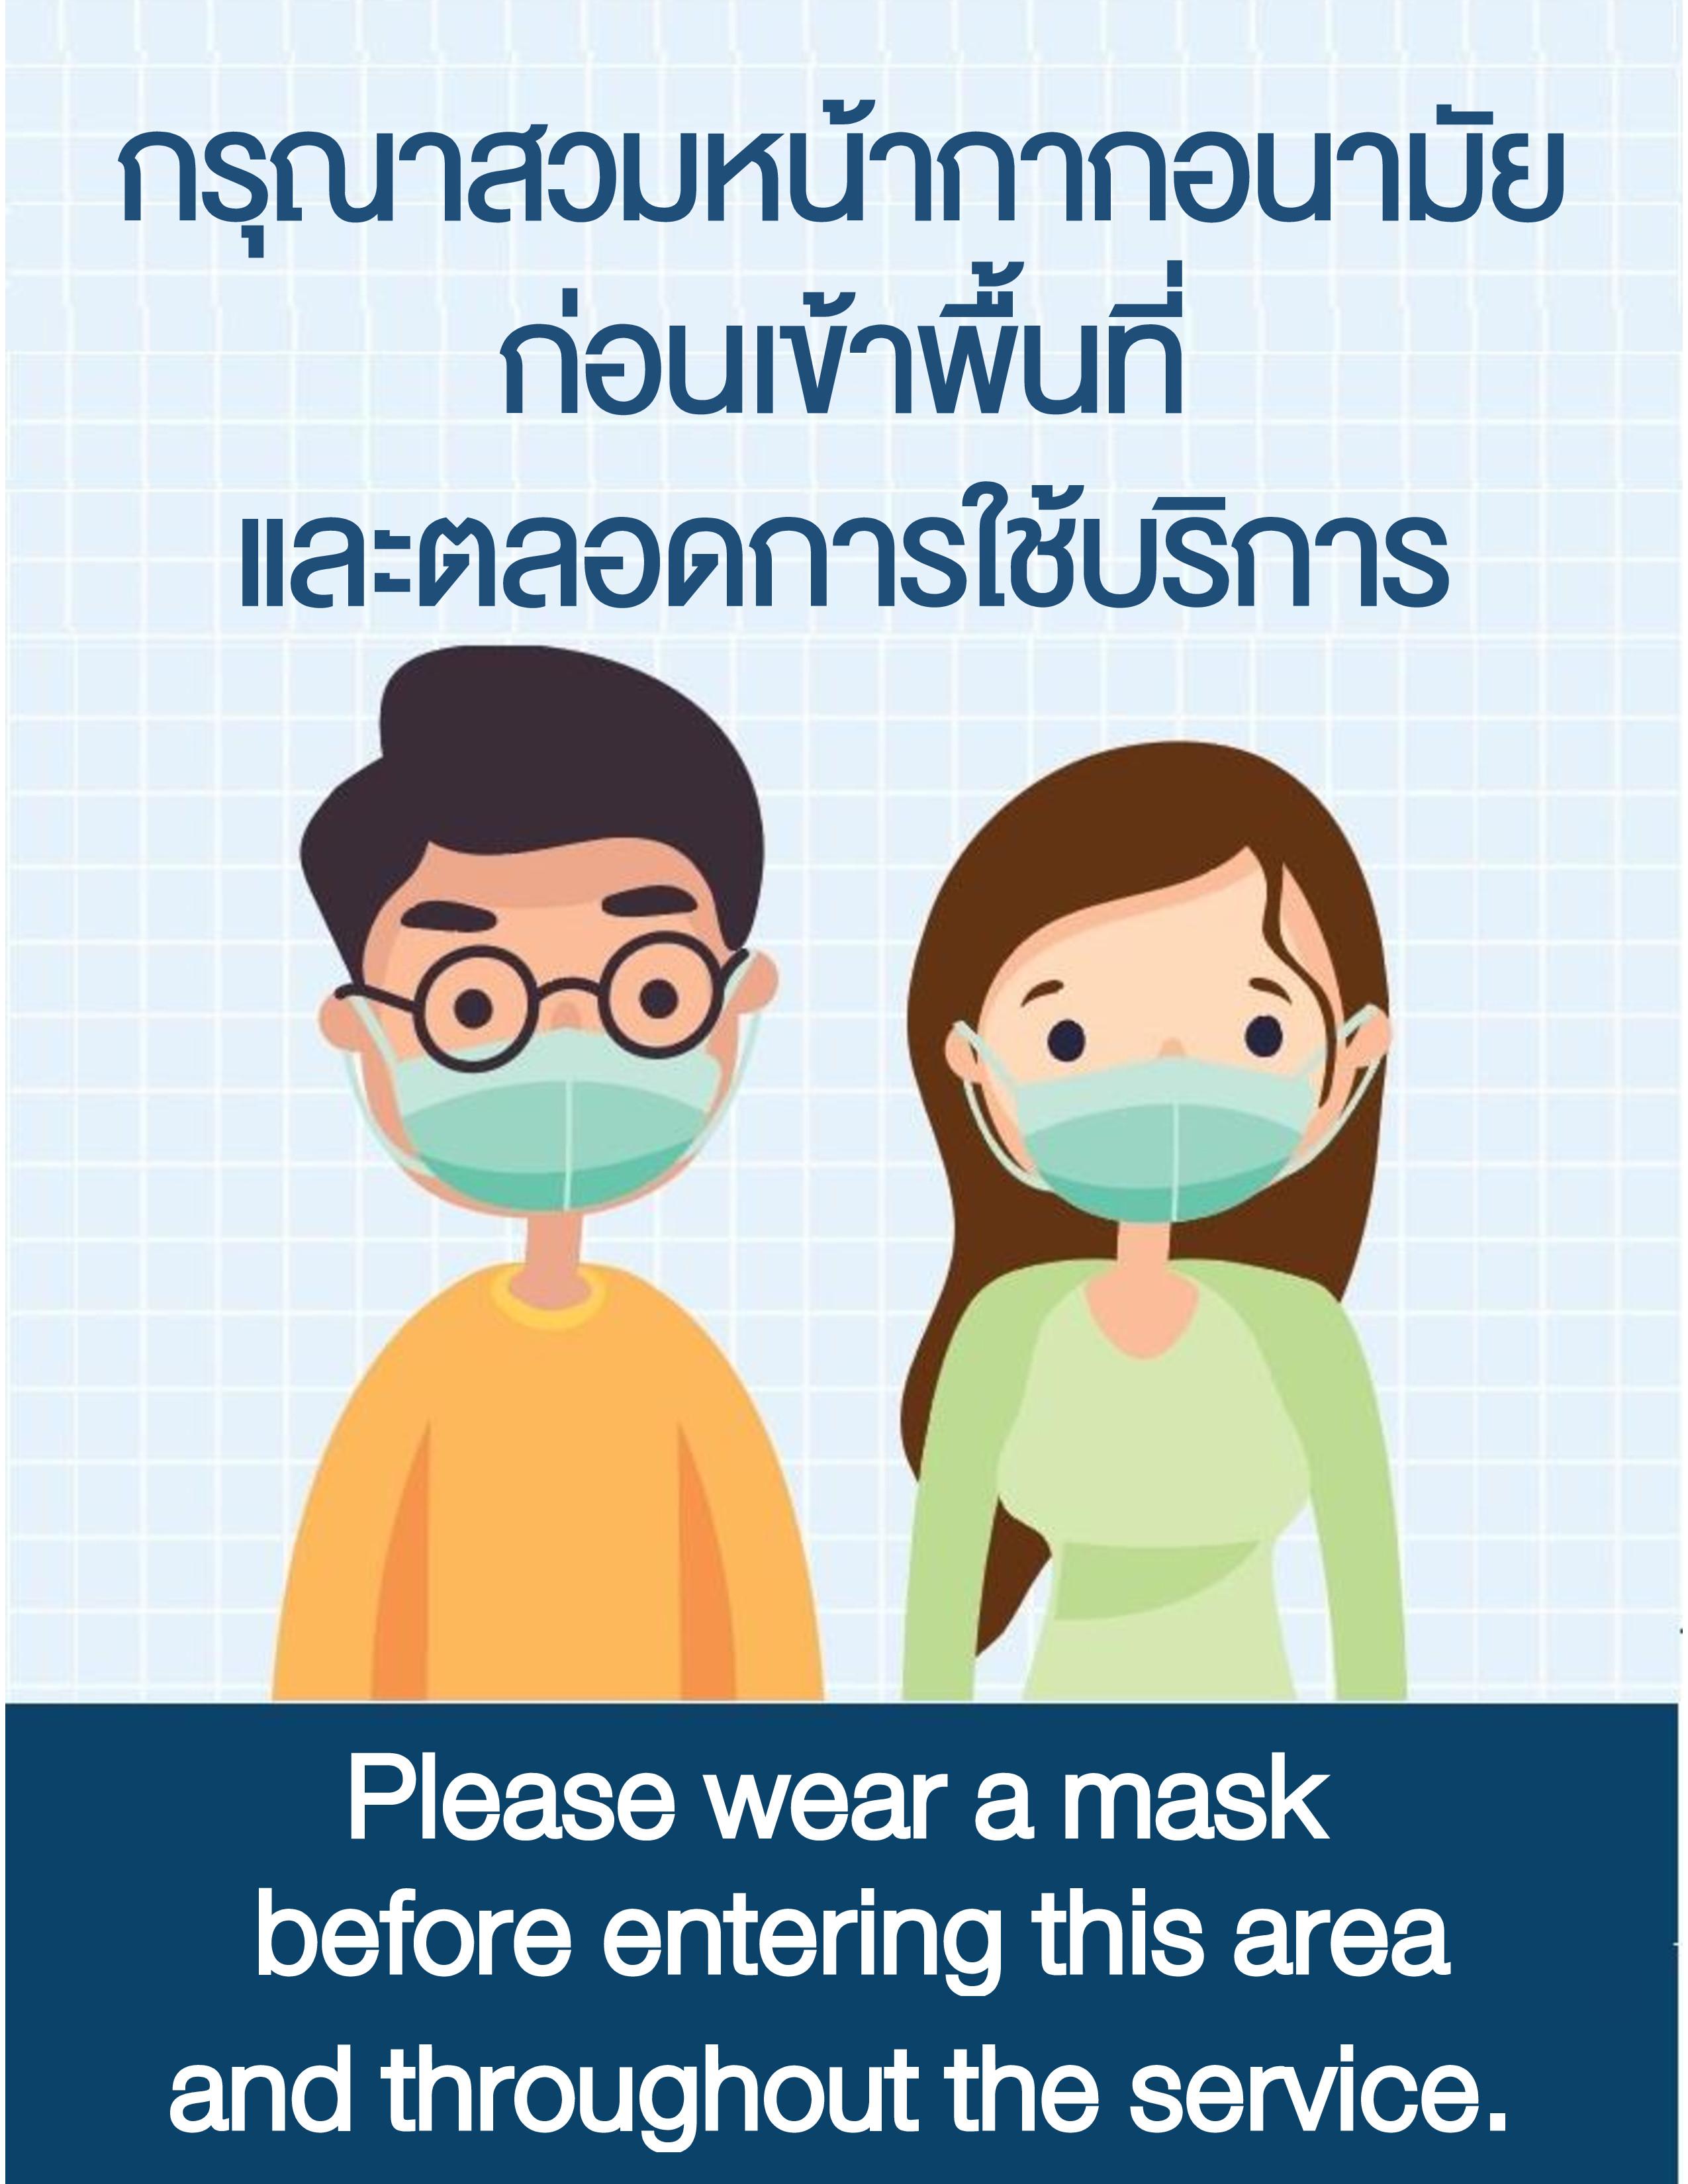 กรุณาสวมหน้ากากอนามัยก่อนเข้าพื้นที่